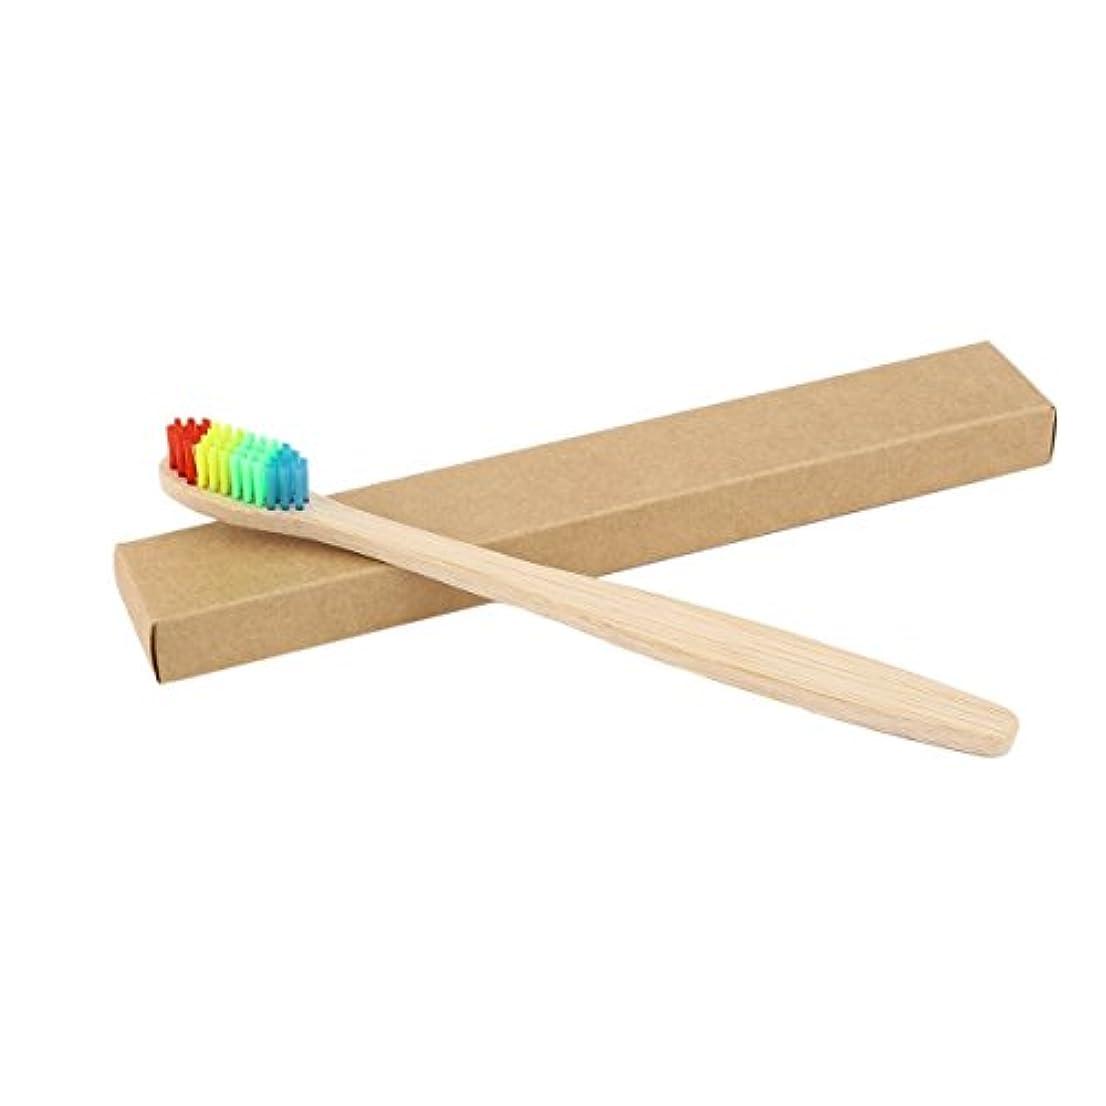 スペシャリスト窒息させるバイアスカラフルな髪+竹のハンドル歯ブラシ環境木製の虹竹の歯ブラシオーラルケアソフト剛毛ユニセックス - ウッドカラー+カラフル